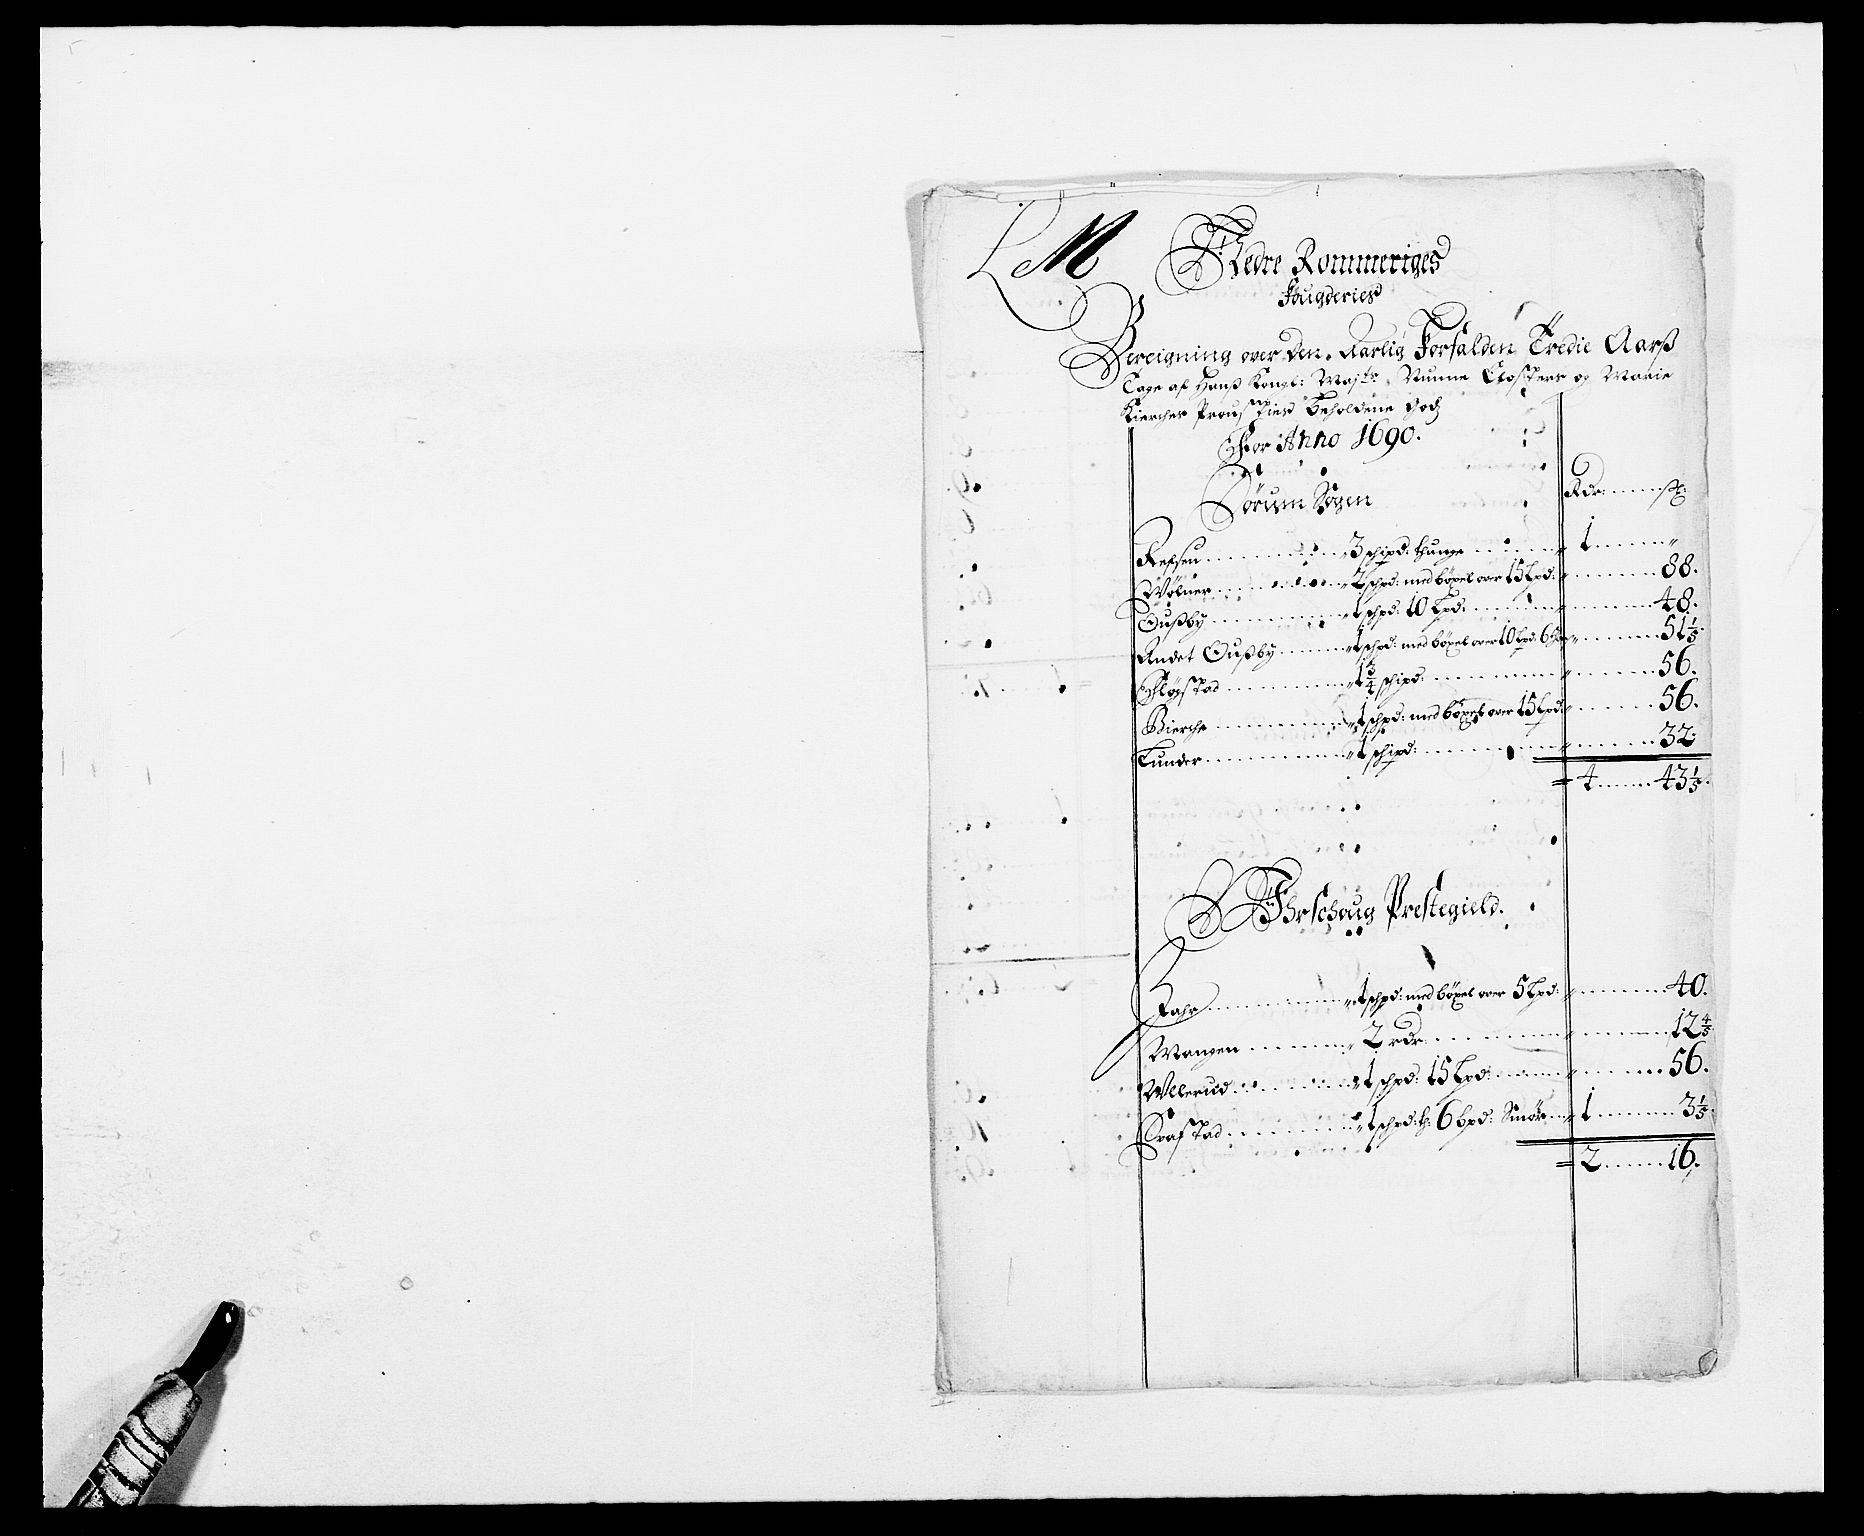 RA, Rentekammeret inntil 1814, Reviderte regnskaper, Fogderegnskap, R11/L0574: Fogderegnskap Nedre Romerike, 1689-1690, s. 253